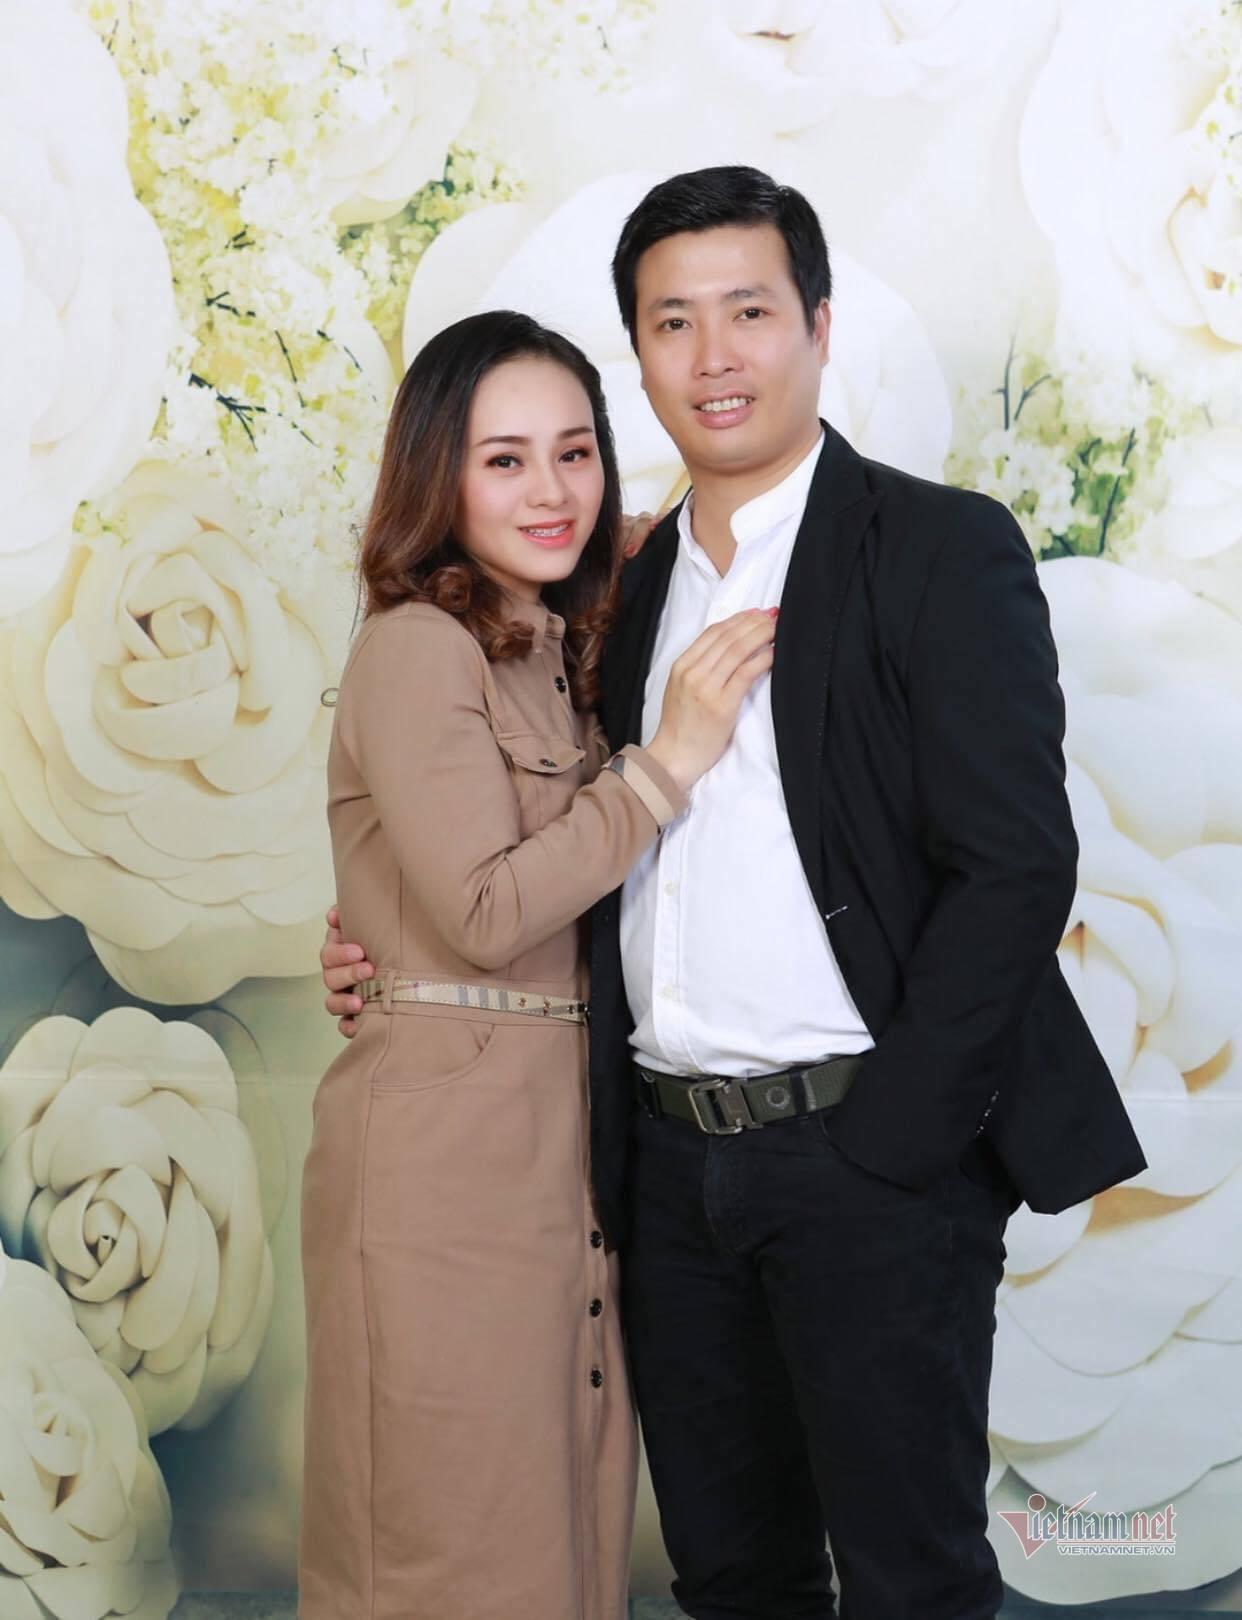 MC Minh Anh VTV chia sẻ lý do 'mất tích' 6 năm trên truyền hình